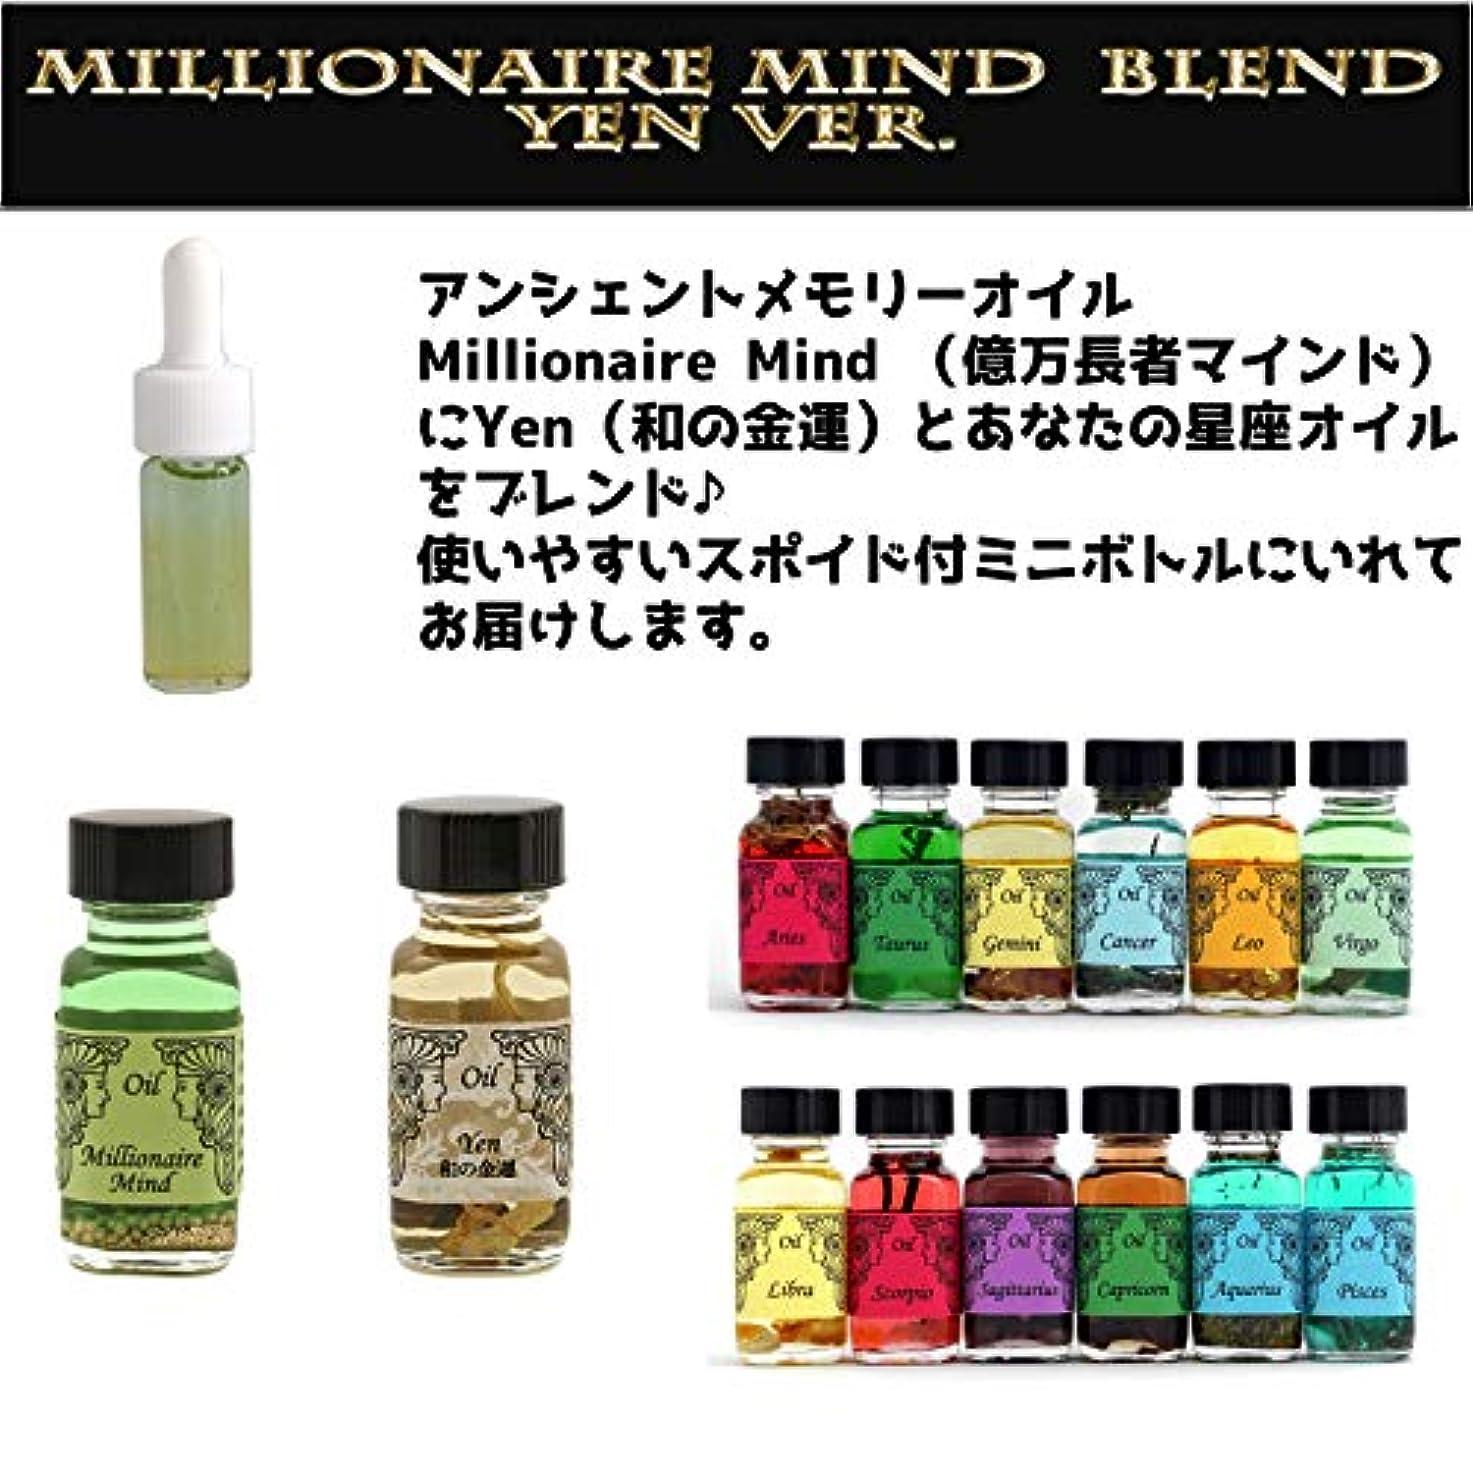 服を着る持ってる船尾アンシェントメモリーオイル Millionaire Mind 億万長者マインド ブレンド【Yen 和の金運&うお座】